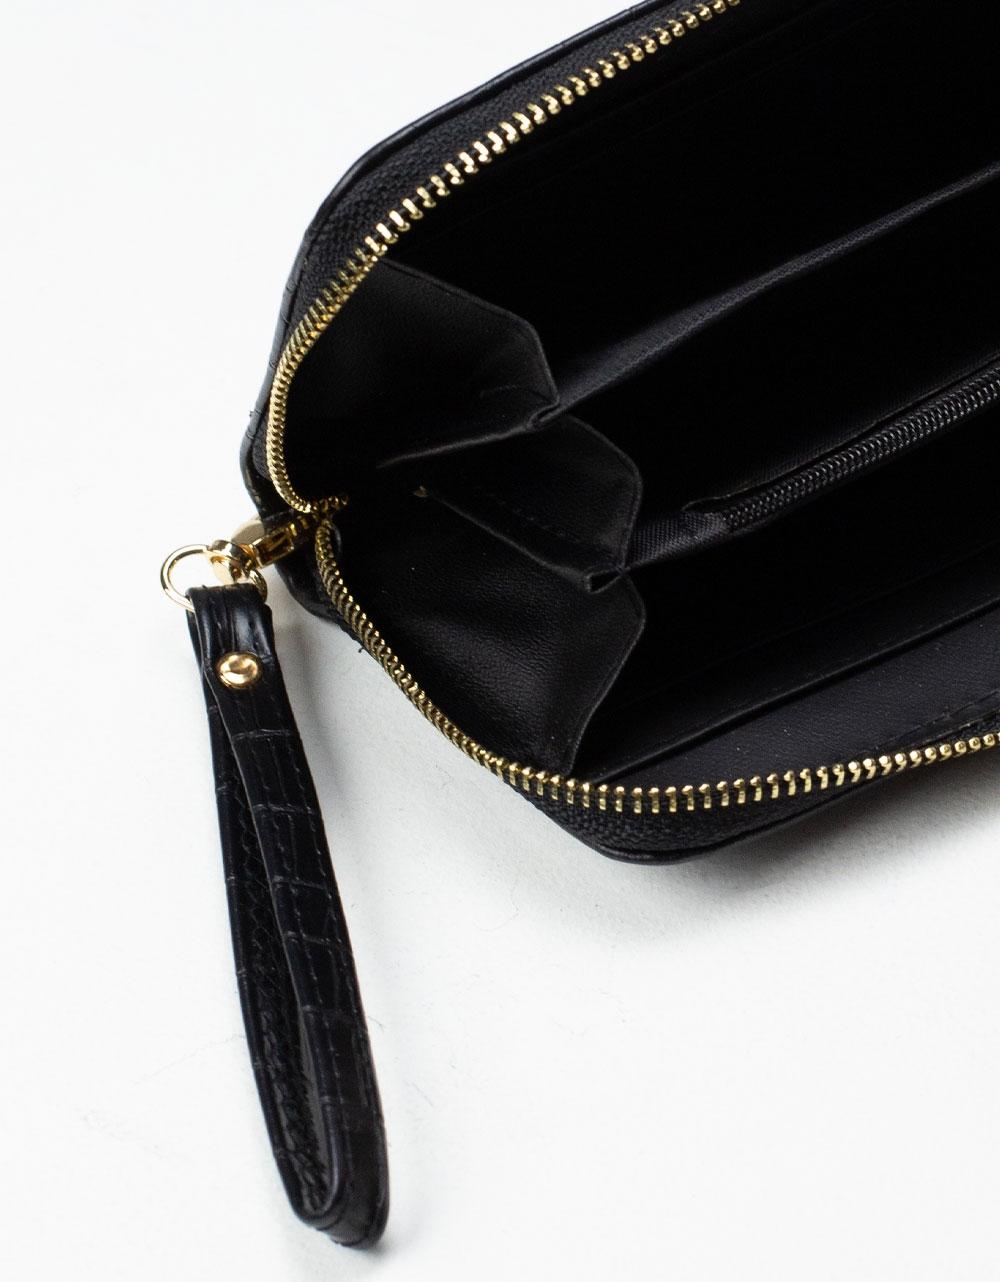 Εικόνα από Γυναικεία πορτοφόλια με κροκό σχέδιο Μαύρο